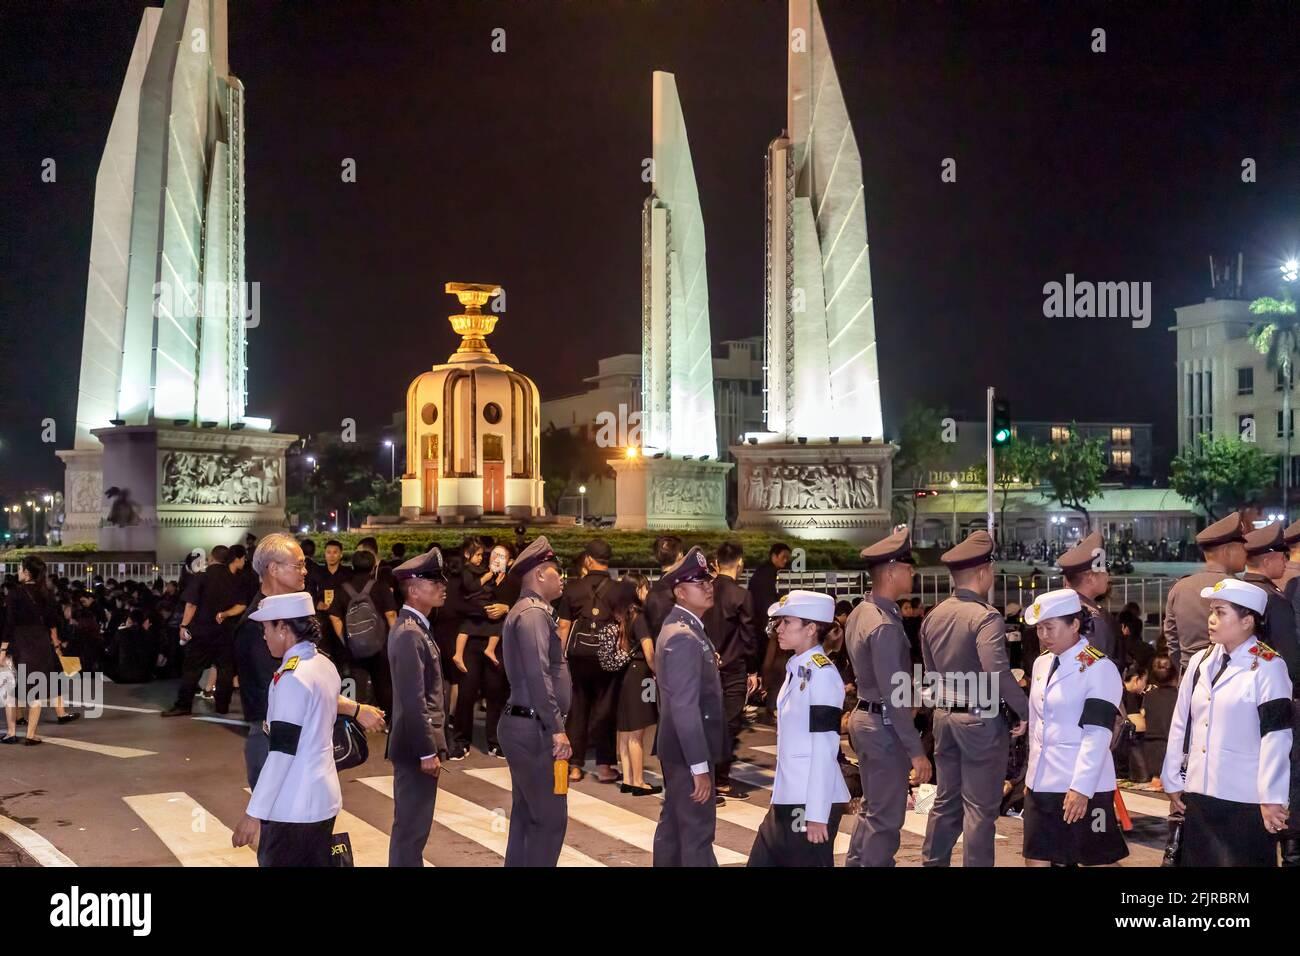 Lloramos en el funeral del rey Bhumibol, Monumento a la Democracia, Bangkok, Tailandia Foto de stock